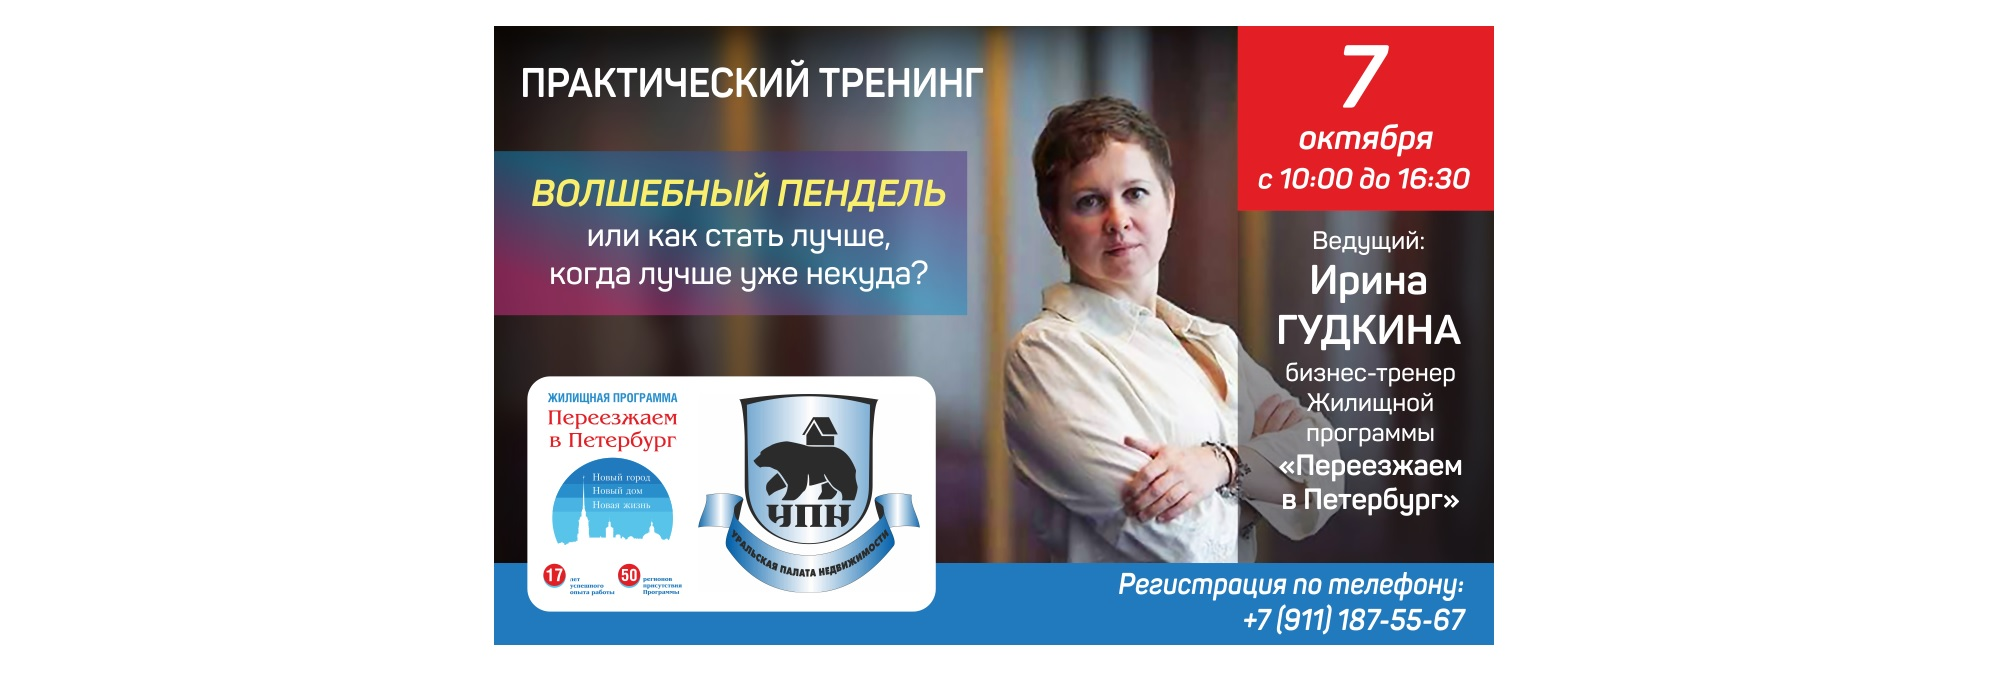 """Жилищная программа """"Переезжаем в Петербург"""""""